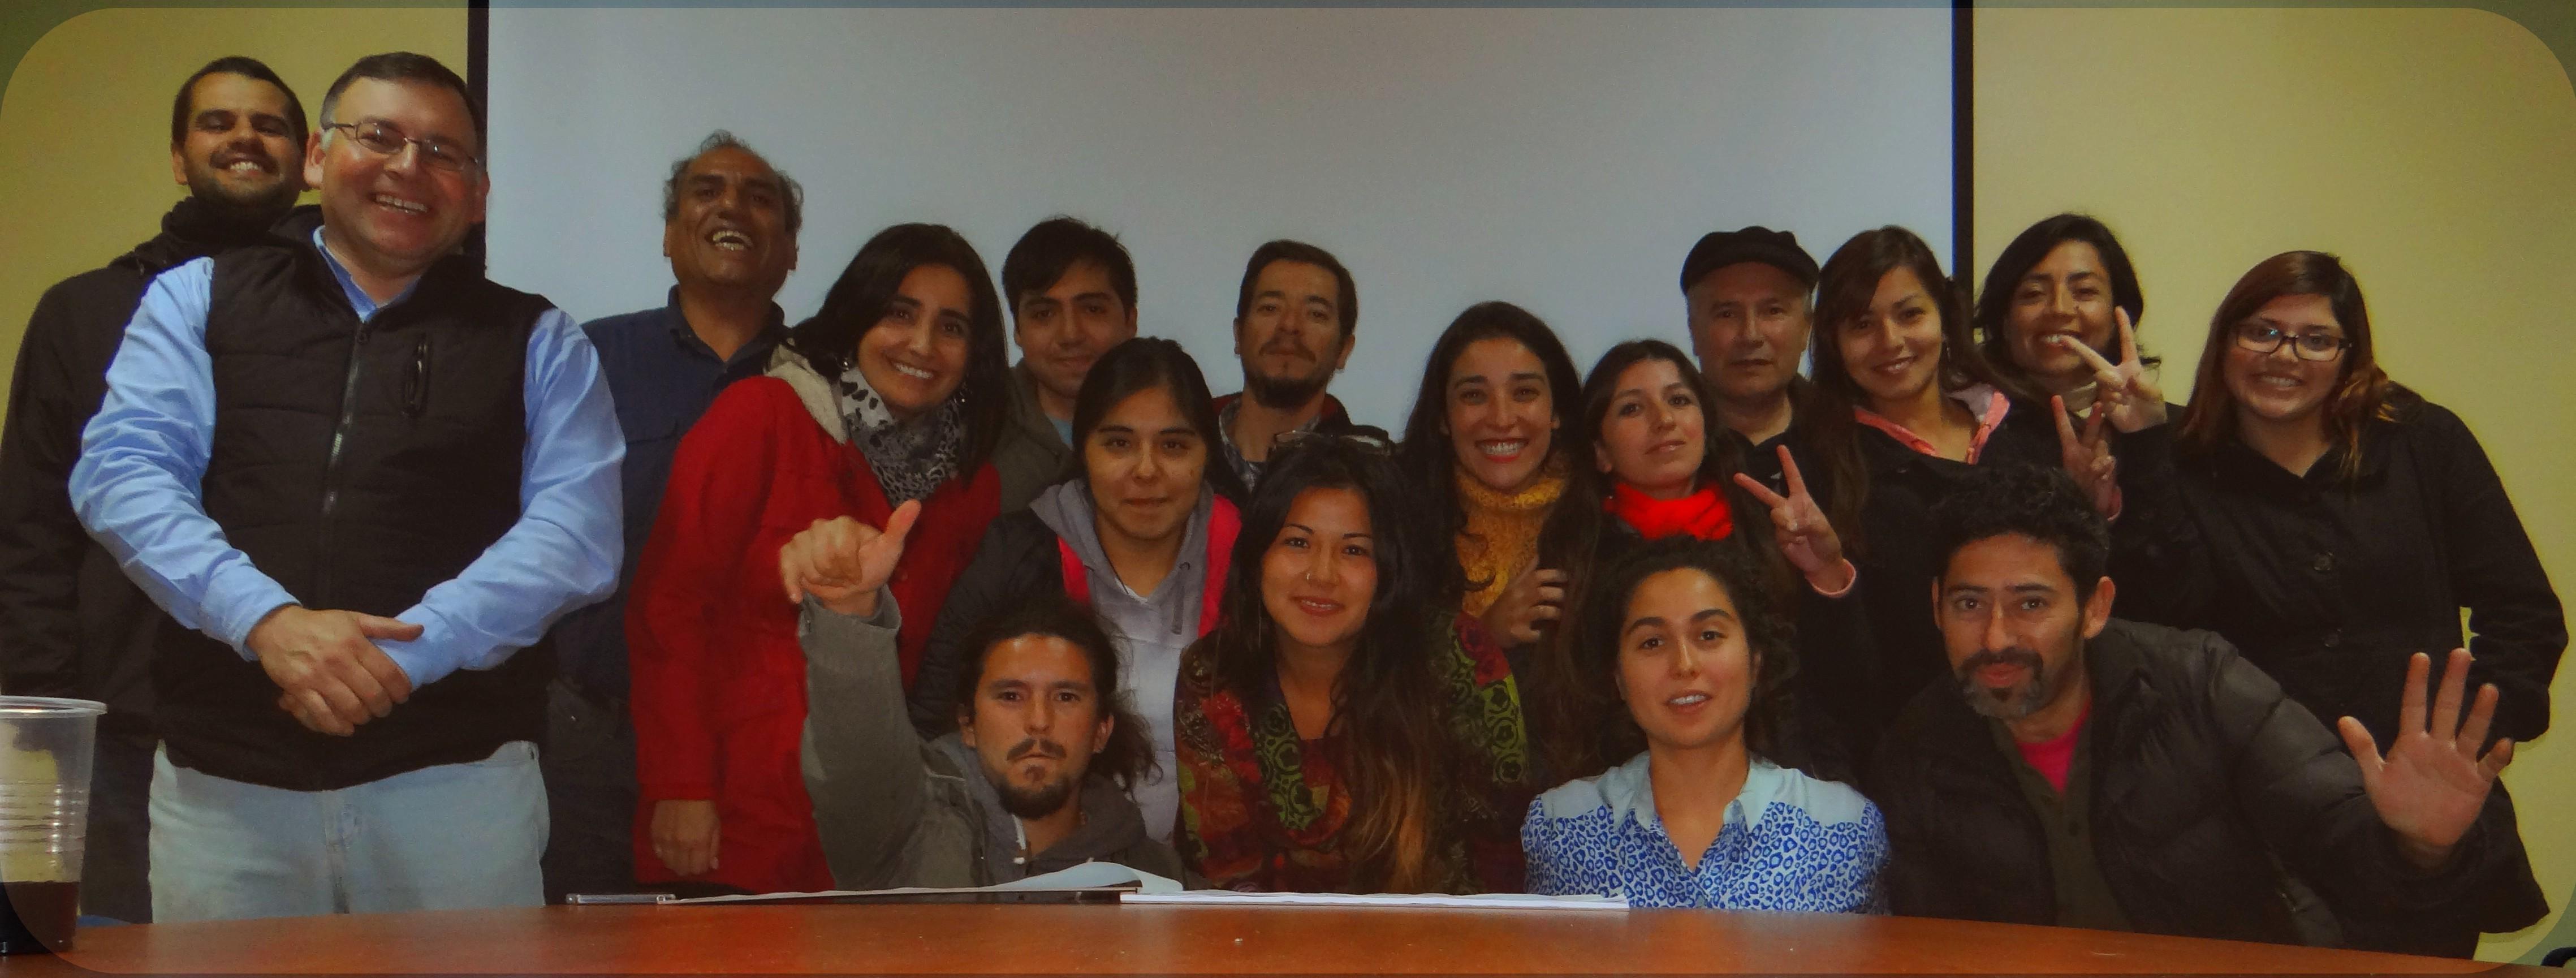 Crean nueva Corporación Cultural del Huasco